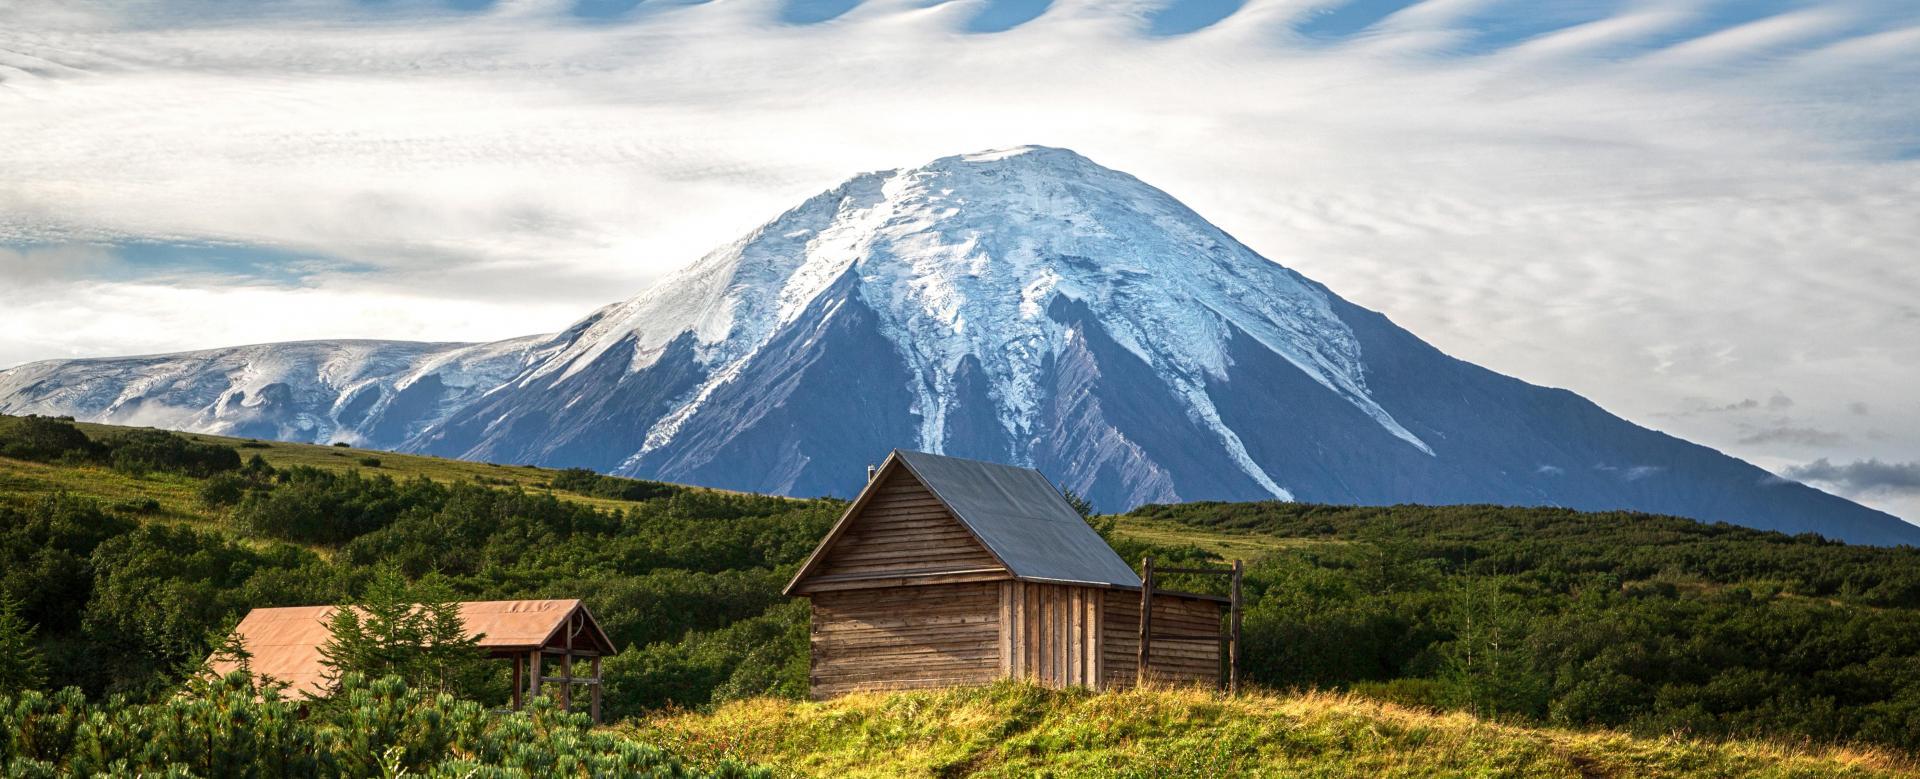 Voyage à pied : Les volcans du kamtchatka